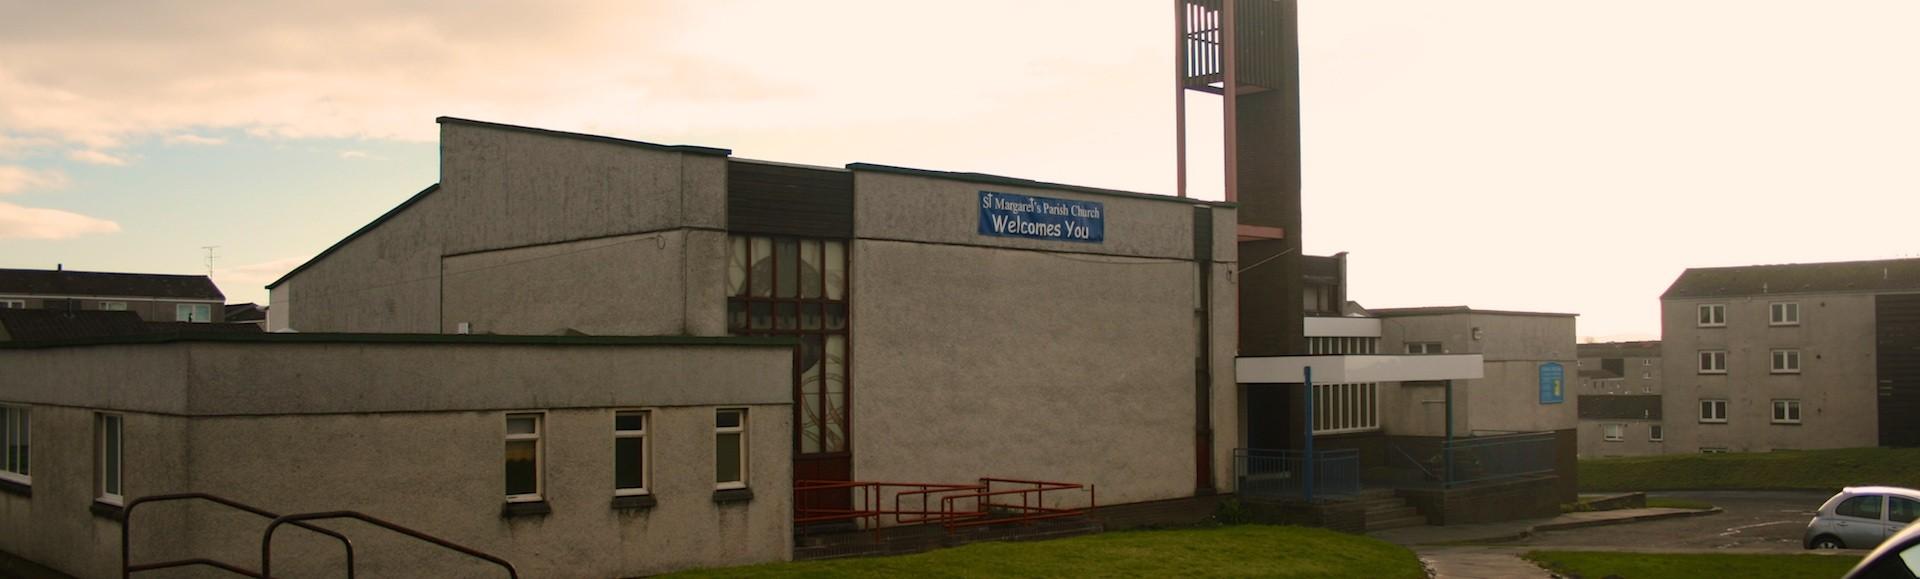 Dunfermline : St Margaret's